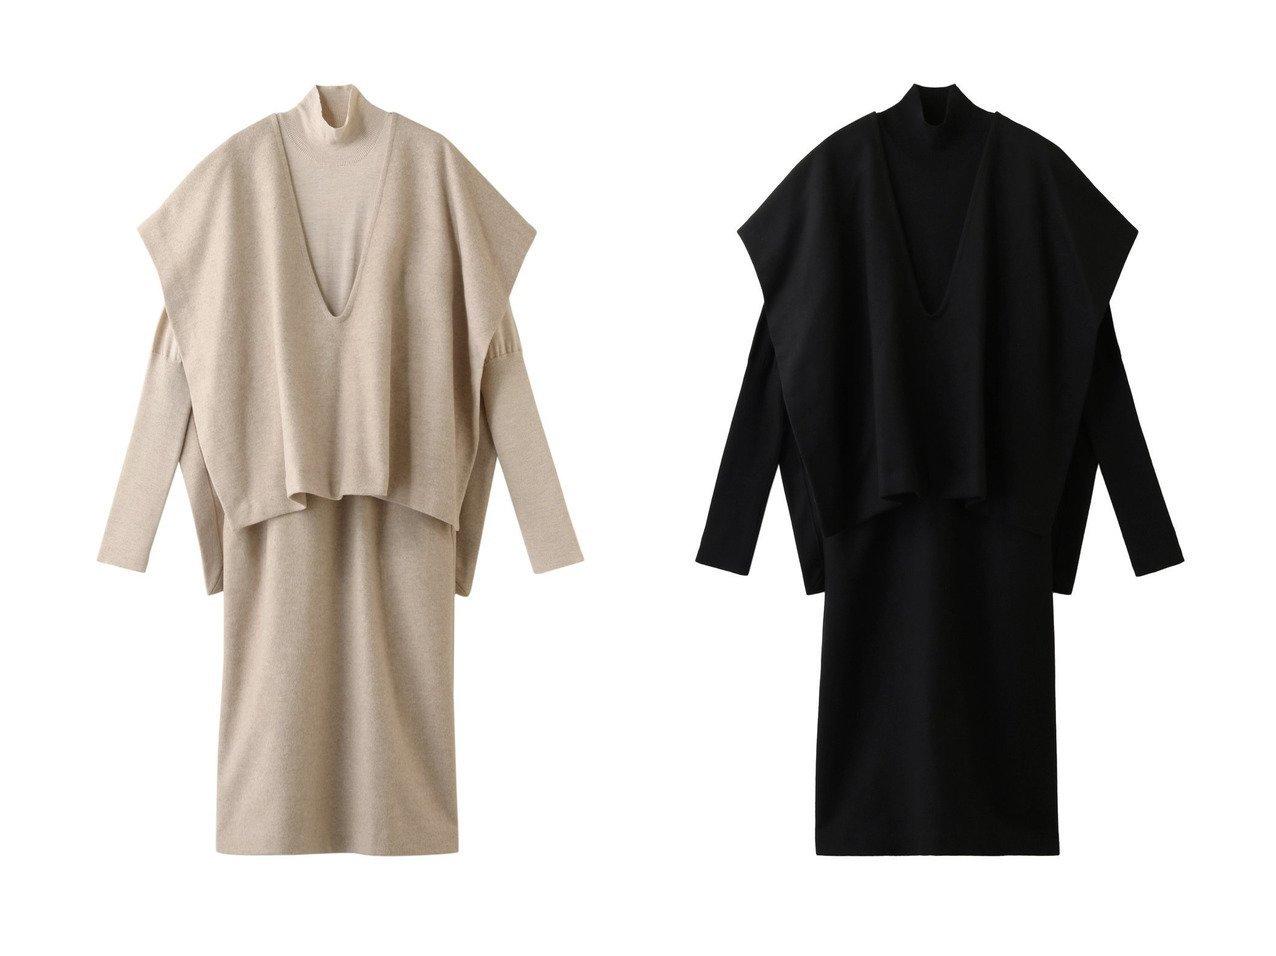 【RIM.ARK/リムアーク】のドレス ワンピース・ドレスのおすすめ!人気、レディースファッションの通販  おすすめで人気のファッション通販商品 インテリア・家具・キッズファッション・メンズファッション・レディースファッション・服の通販 founy(ファニー) https://founy.com/ ファッション Fashion レディース WOMEN ワンピース Dress ドレス Party Dresses カシミヤ ドレス メルトン ロング  ID:crp329100000000142